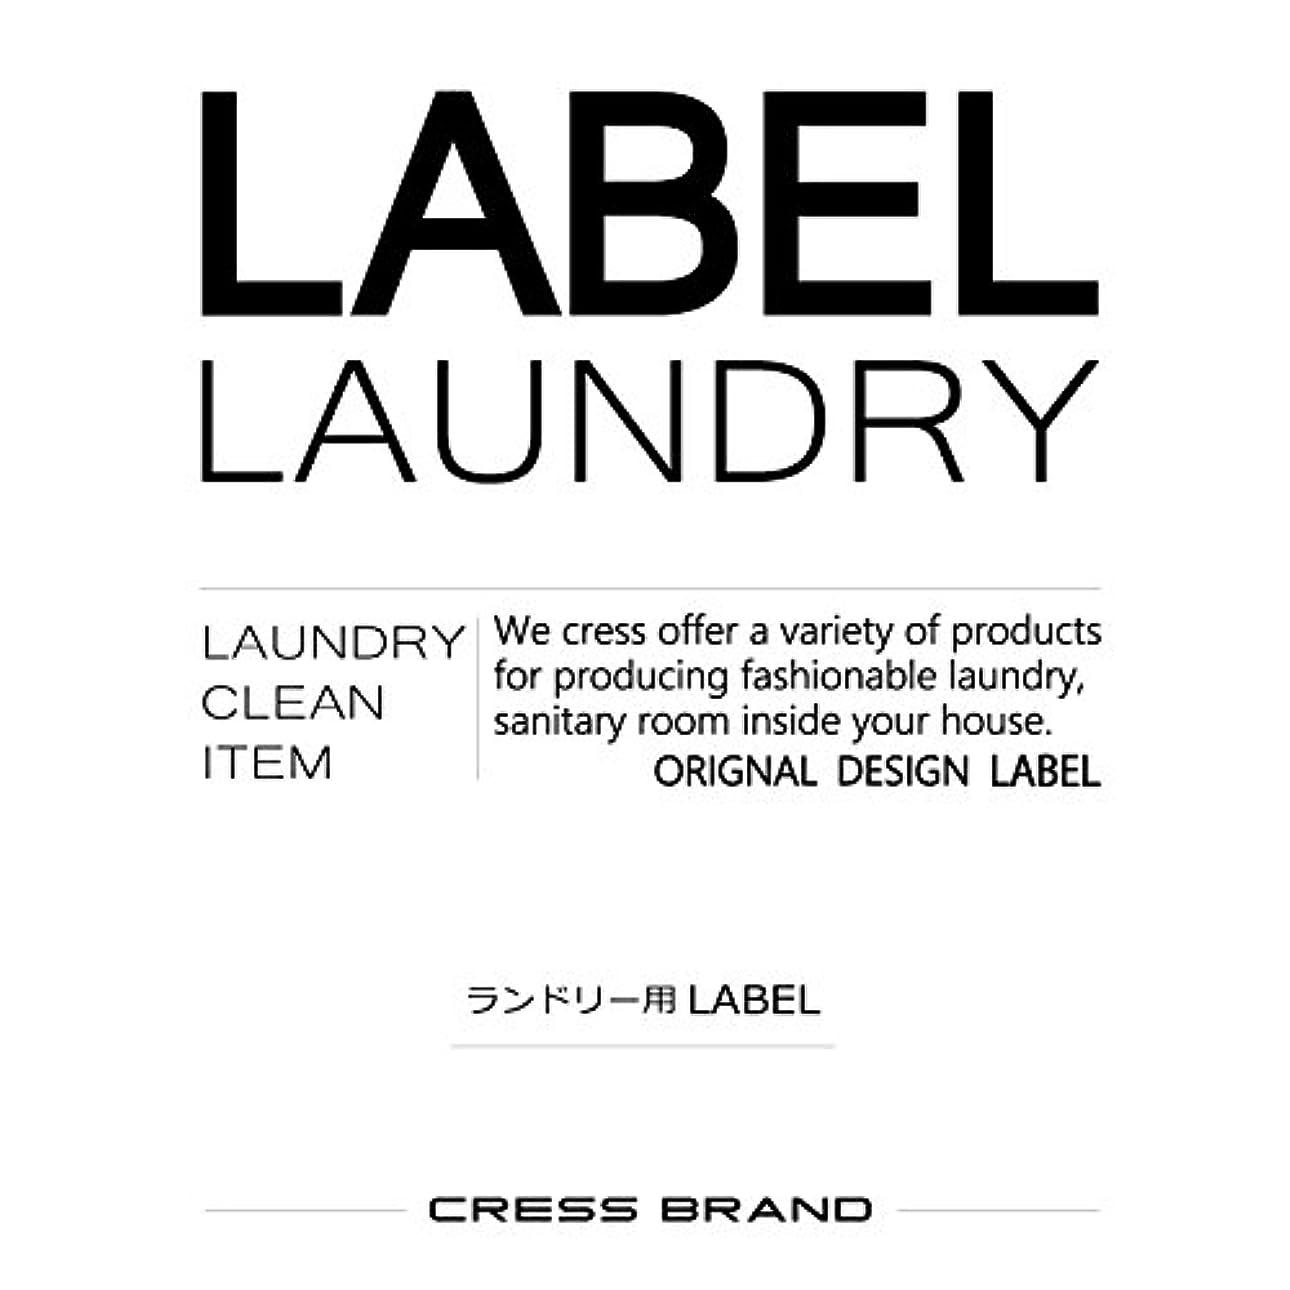 無効にするポインタ羊のStylish-Laundry-label『スタイリッシュ調?ランドリーラベル』ラベルのみ